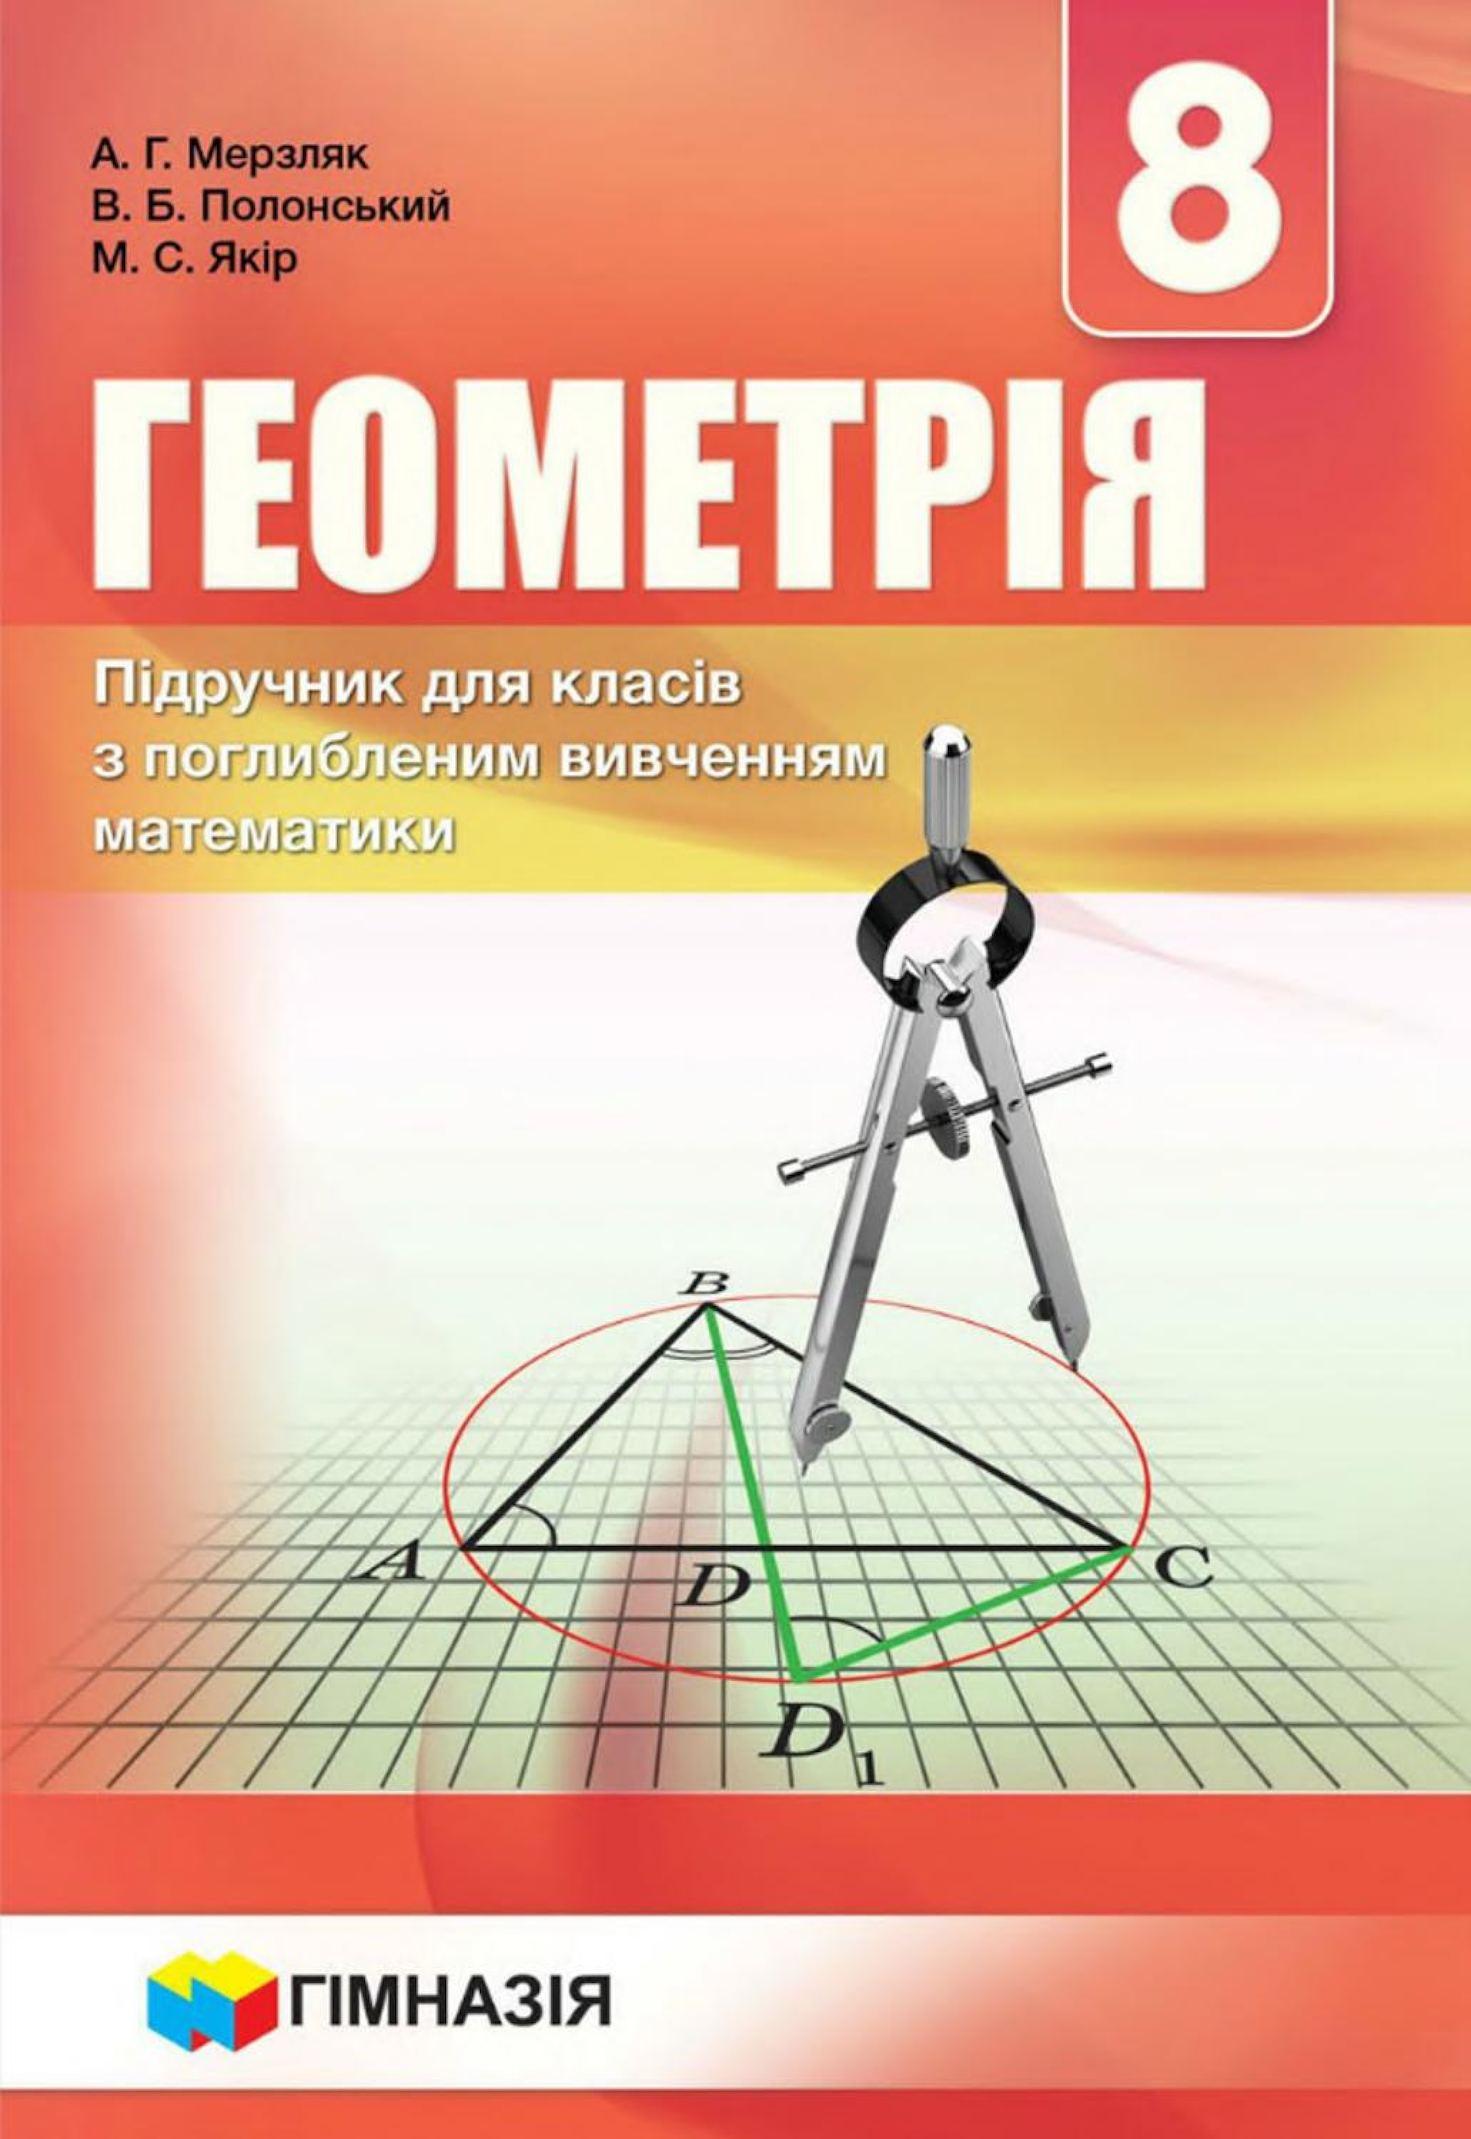 Геометрія 8 клас мерзляк.